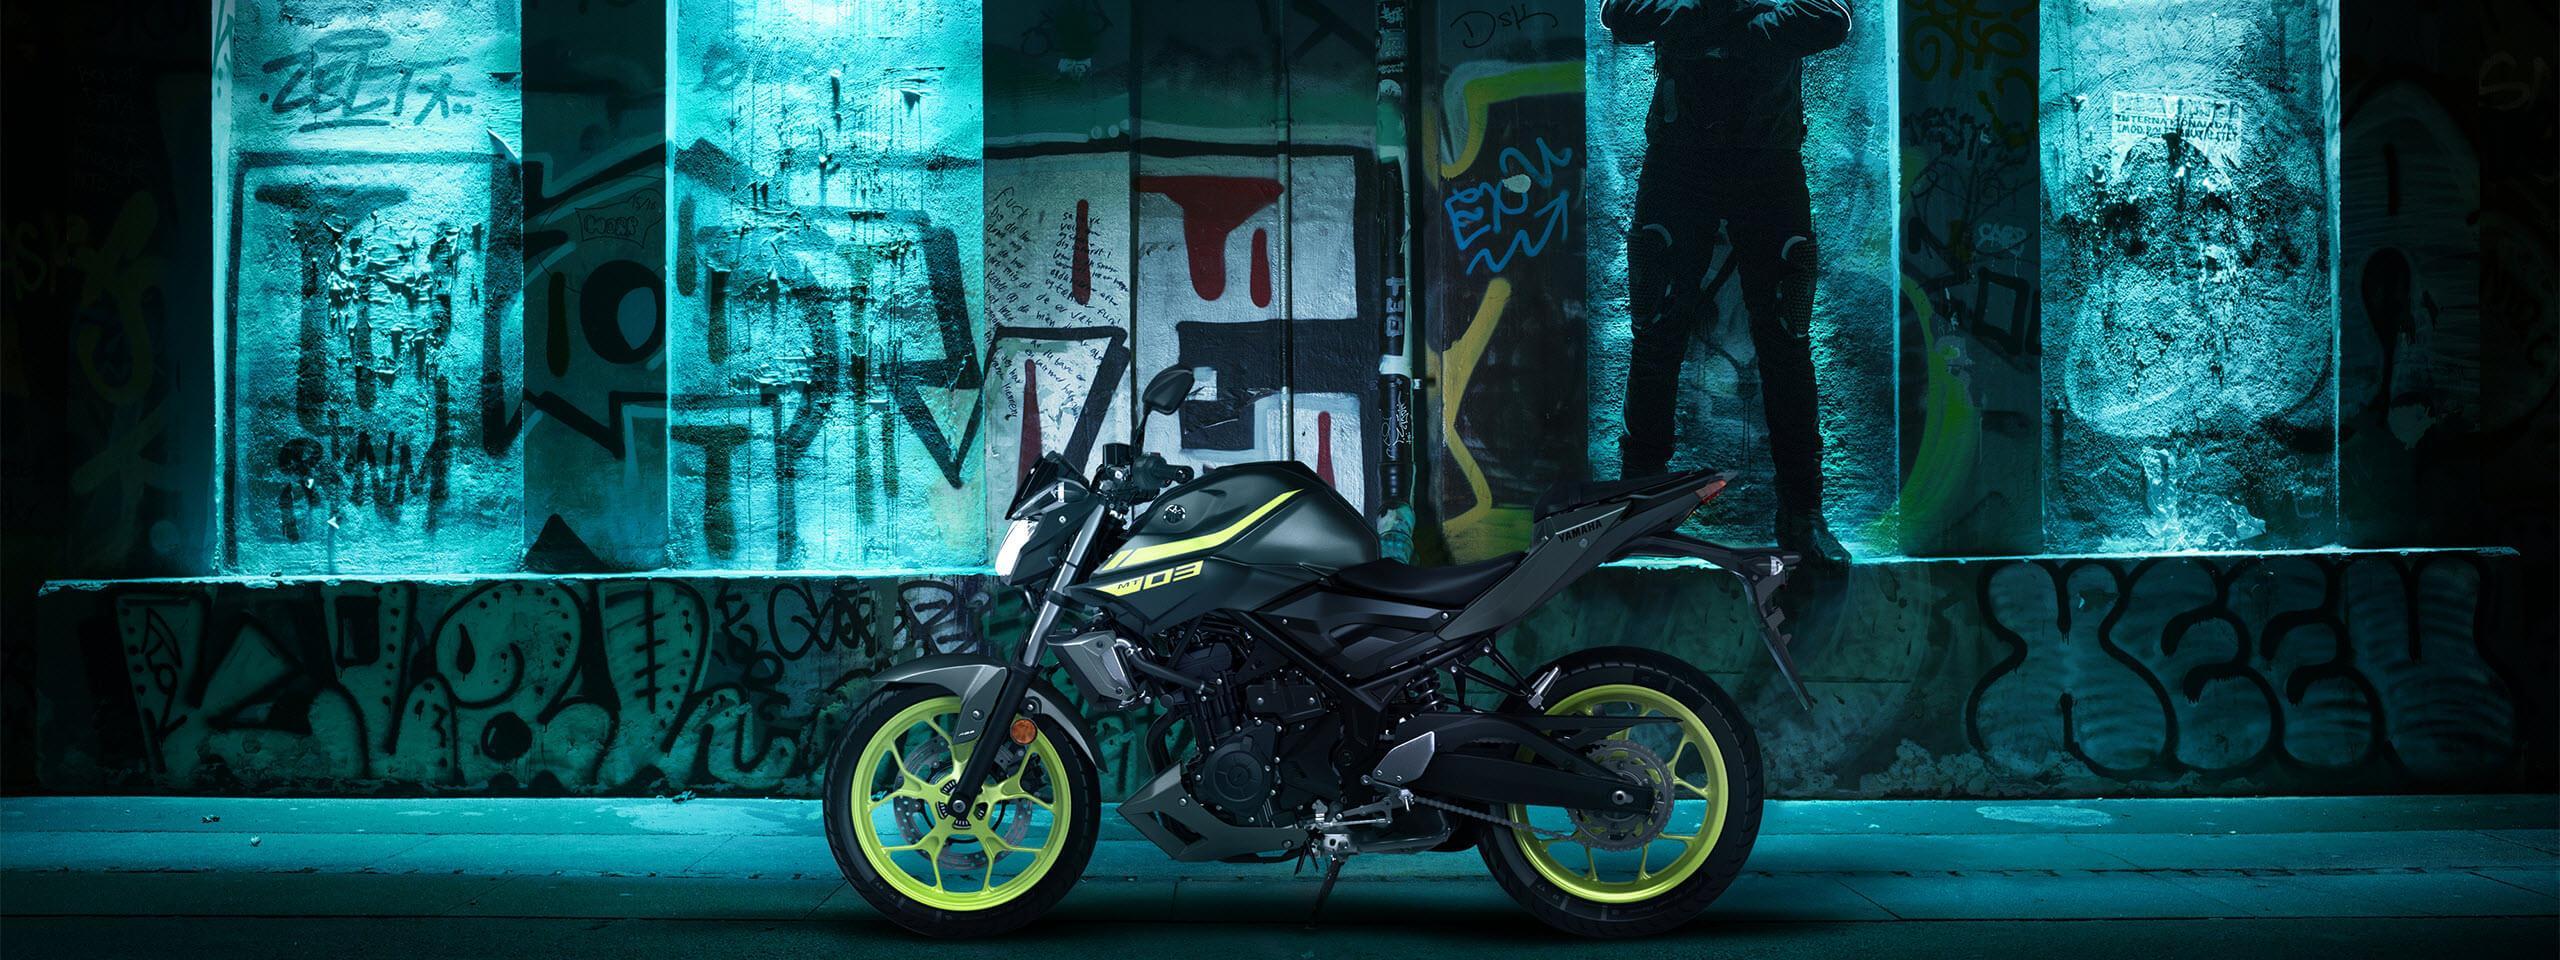 Moto4u